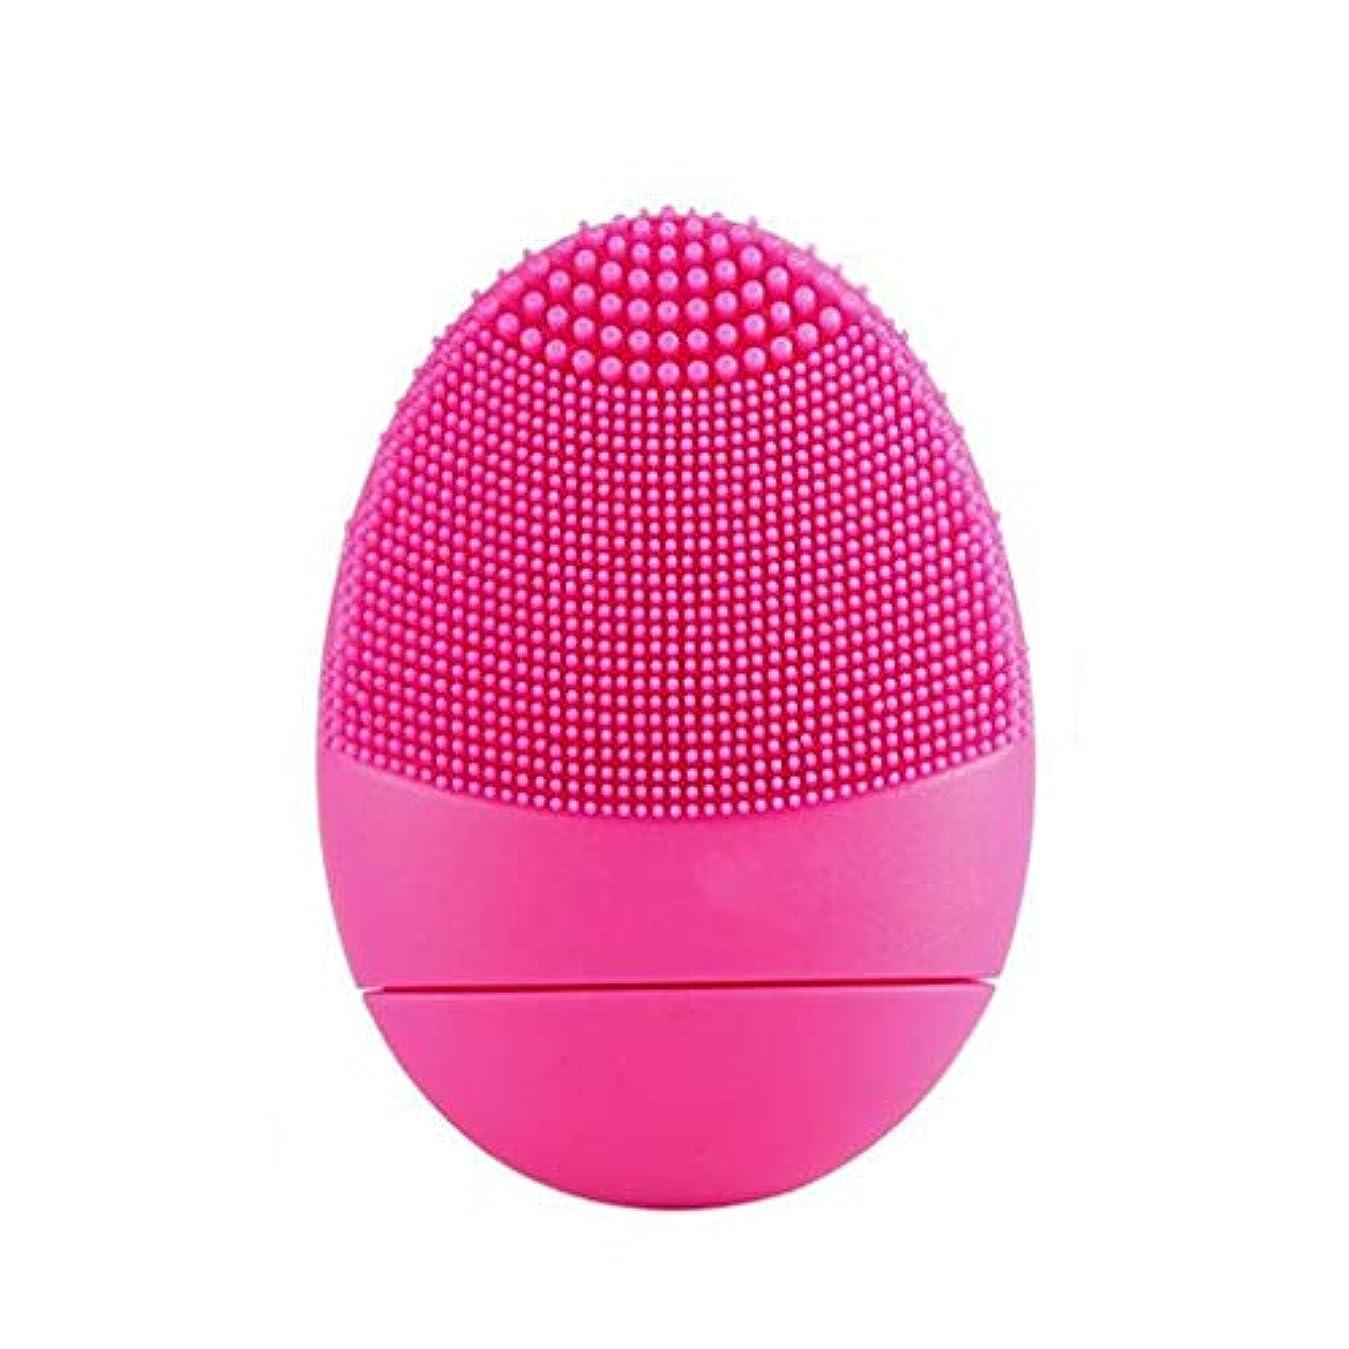 膨らませる不可能な申し立てる電気シリコーンクレンジング器具、超音波洗浄ポータブルUSBフェイシャルマッサージャーディープエクスフォリエイティングクリーンポアジェントル&クレンジングフェイシャル (Color : Red)